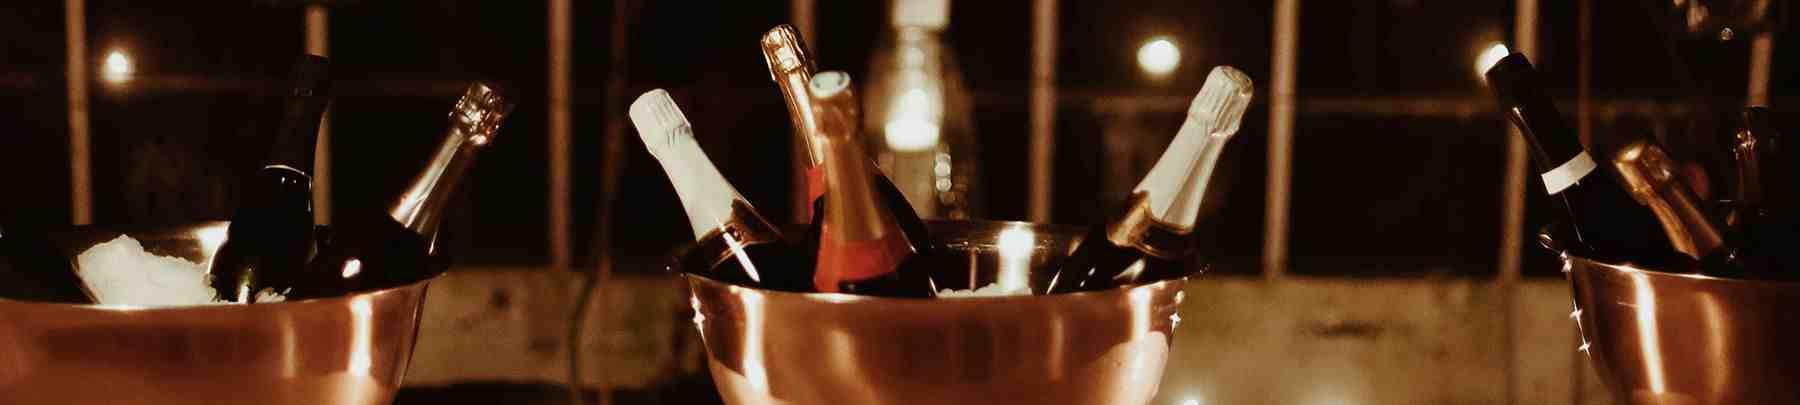 Quelles sont les qualités d'un bon champagne ?